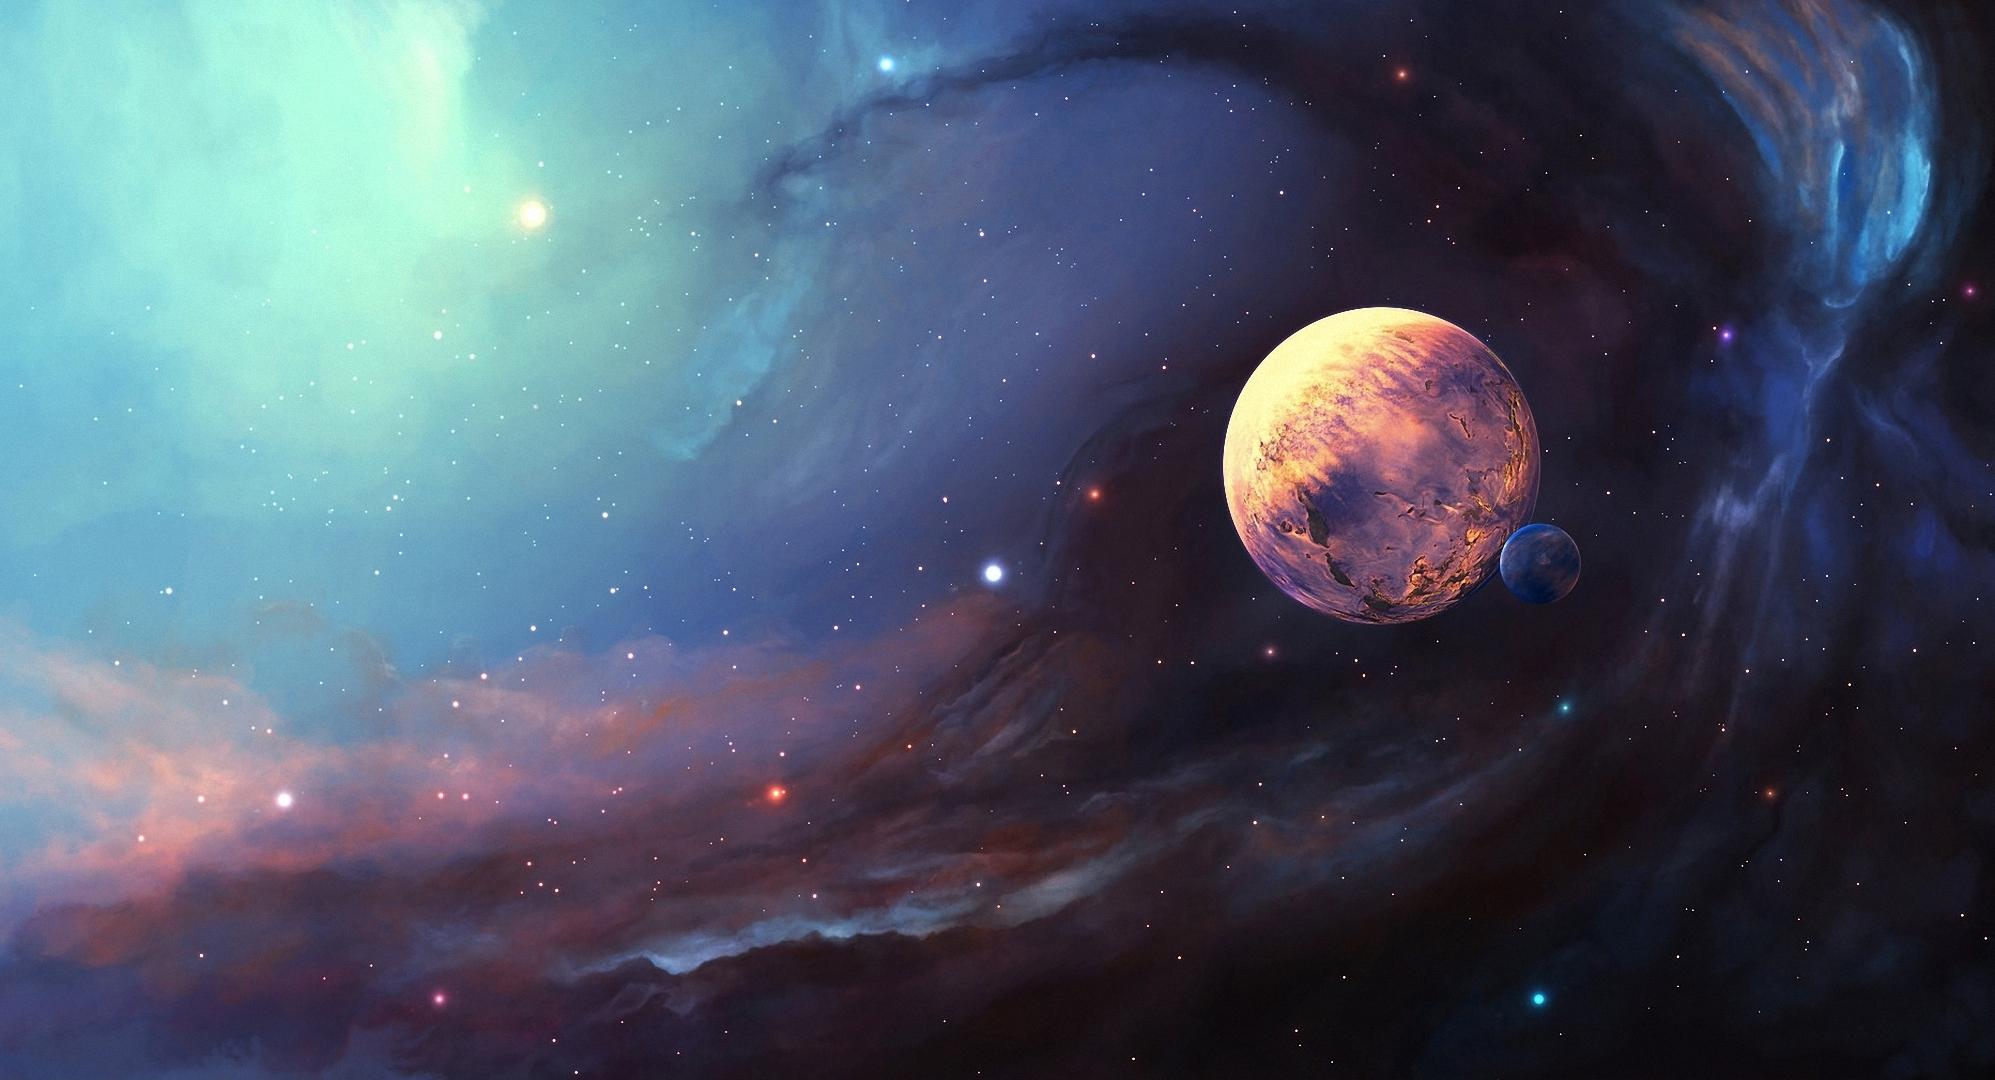 Space Nebula Satellite 1995x1080 4916 HD Wallpaper Res 1995x1080 1995x1080